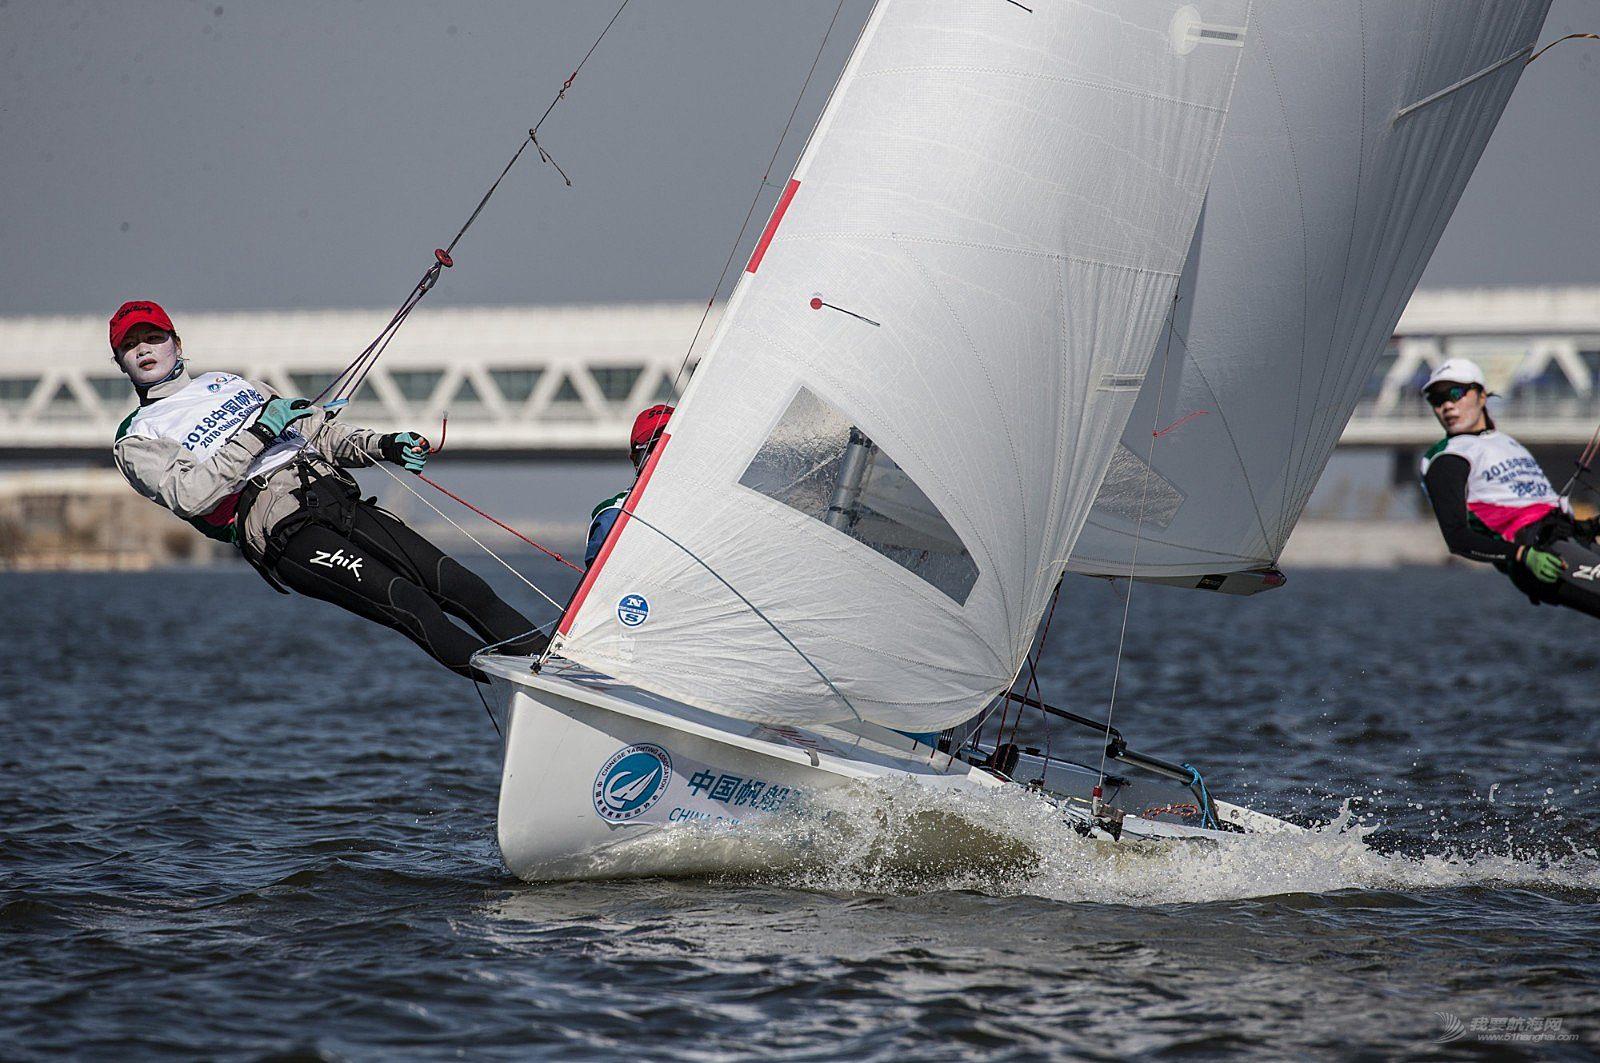 中国帆船联赛潍坊站28日国手赛事图片3